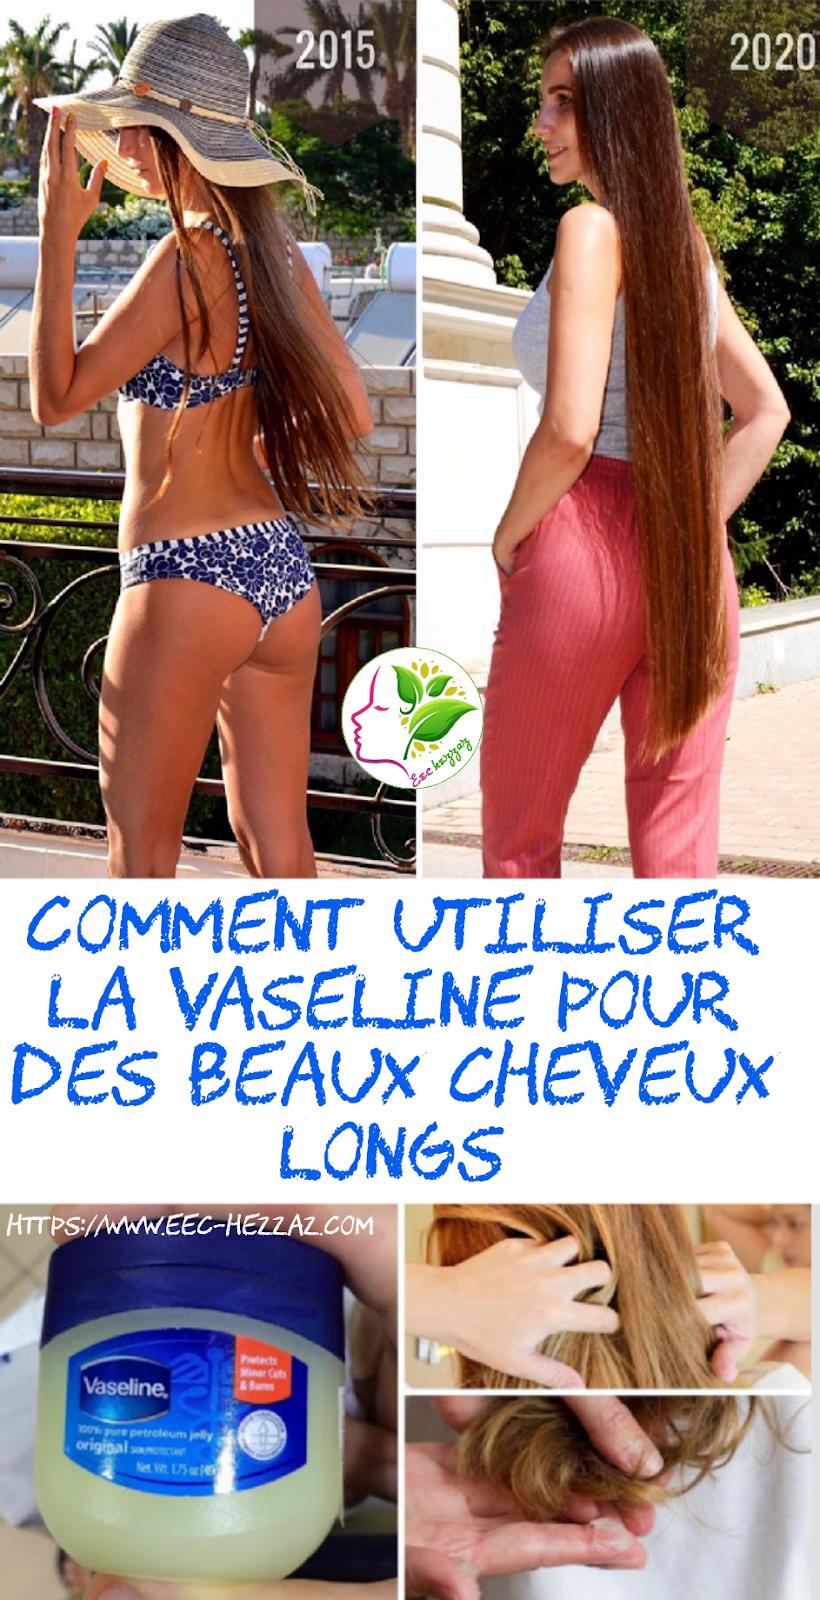 Comment utiliser la vaseline pour des beaux cheveux longs